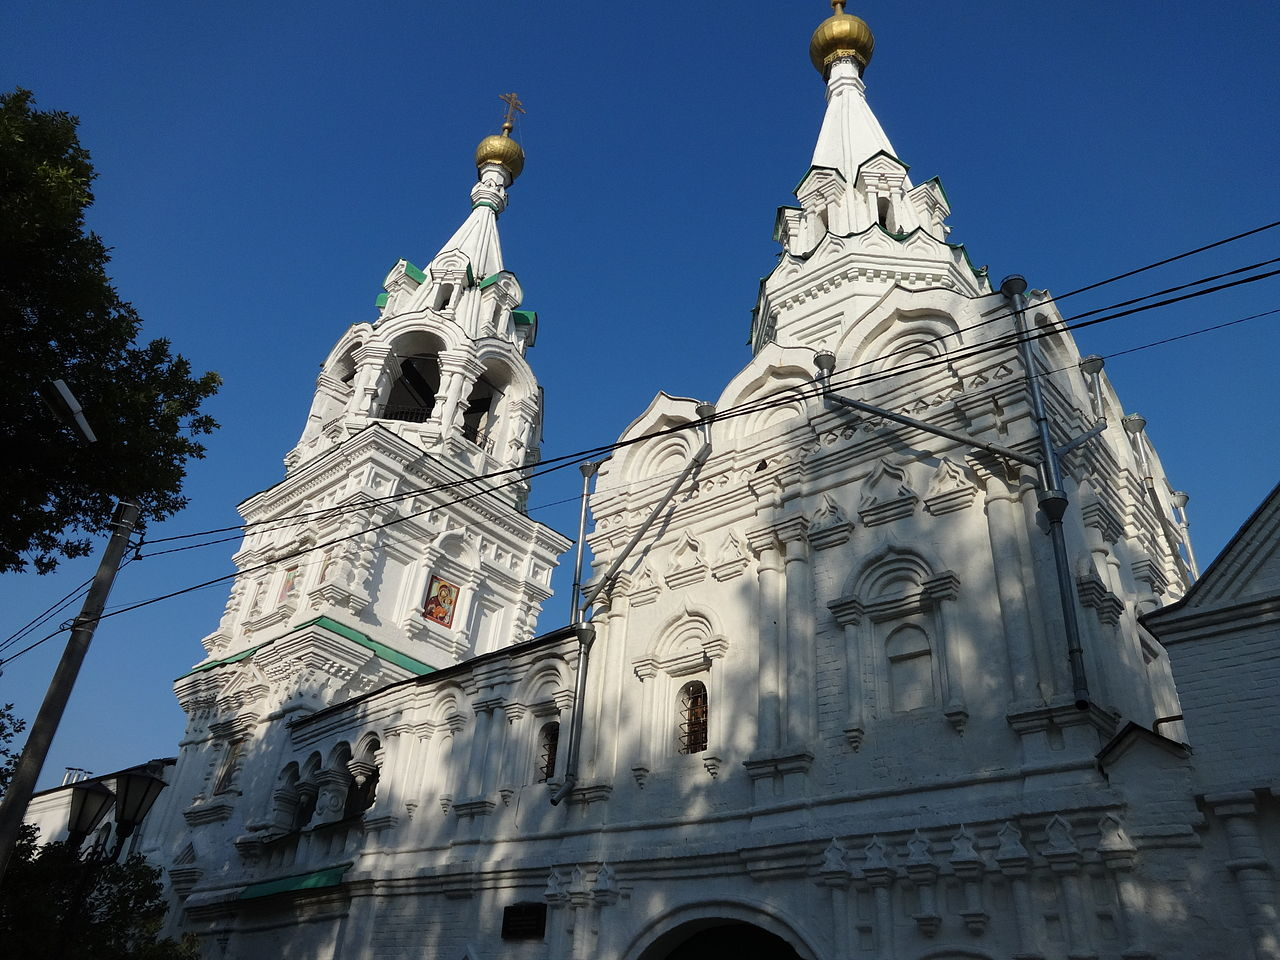 Свято-Троицкий монастырь, Казанская надвратная церковь и колокольня